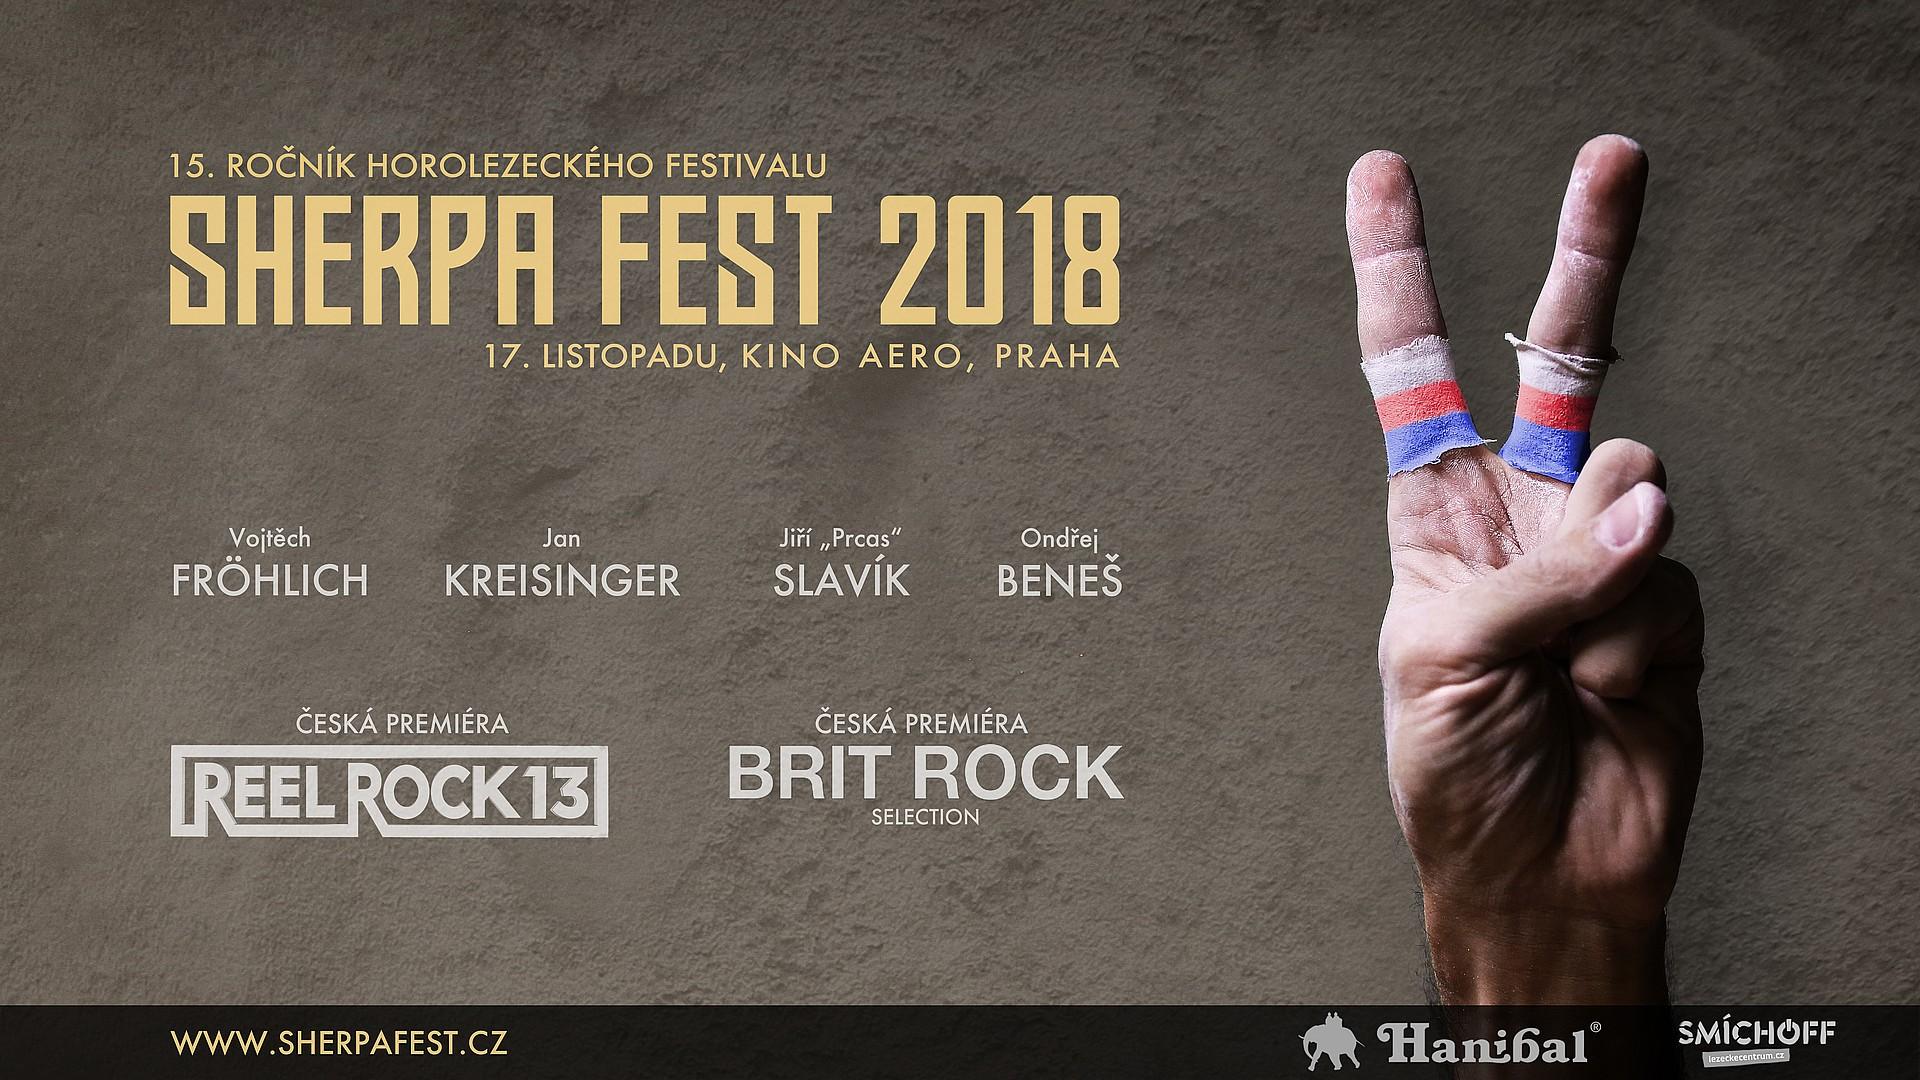 Sherpafest 2018 plakát